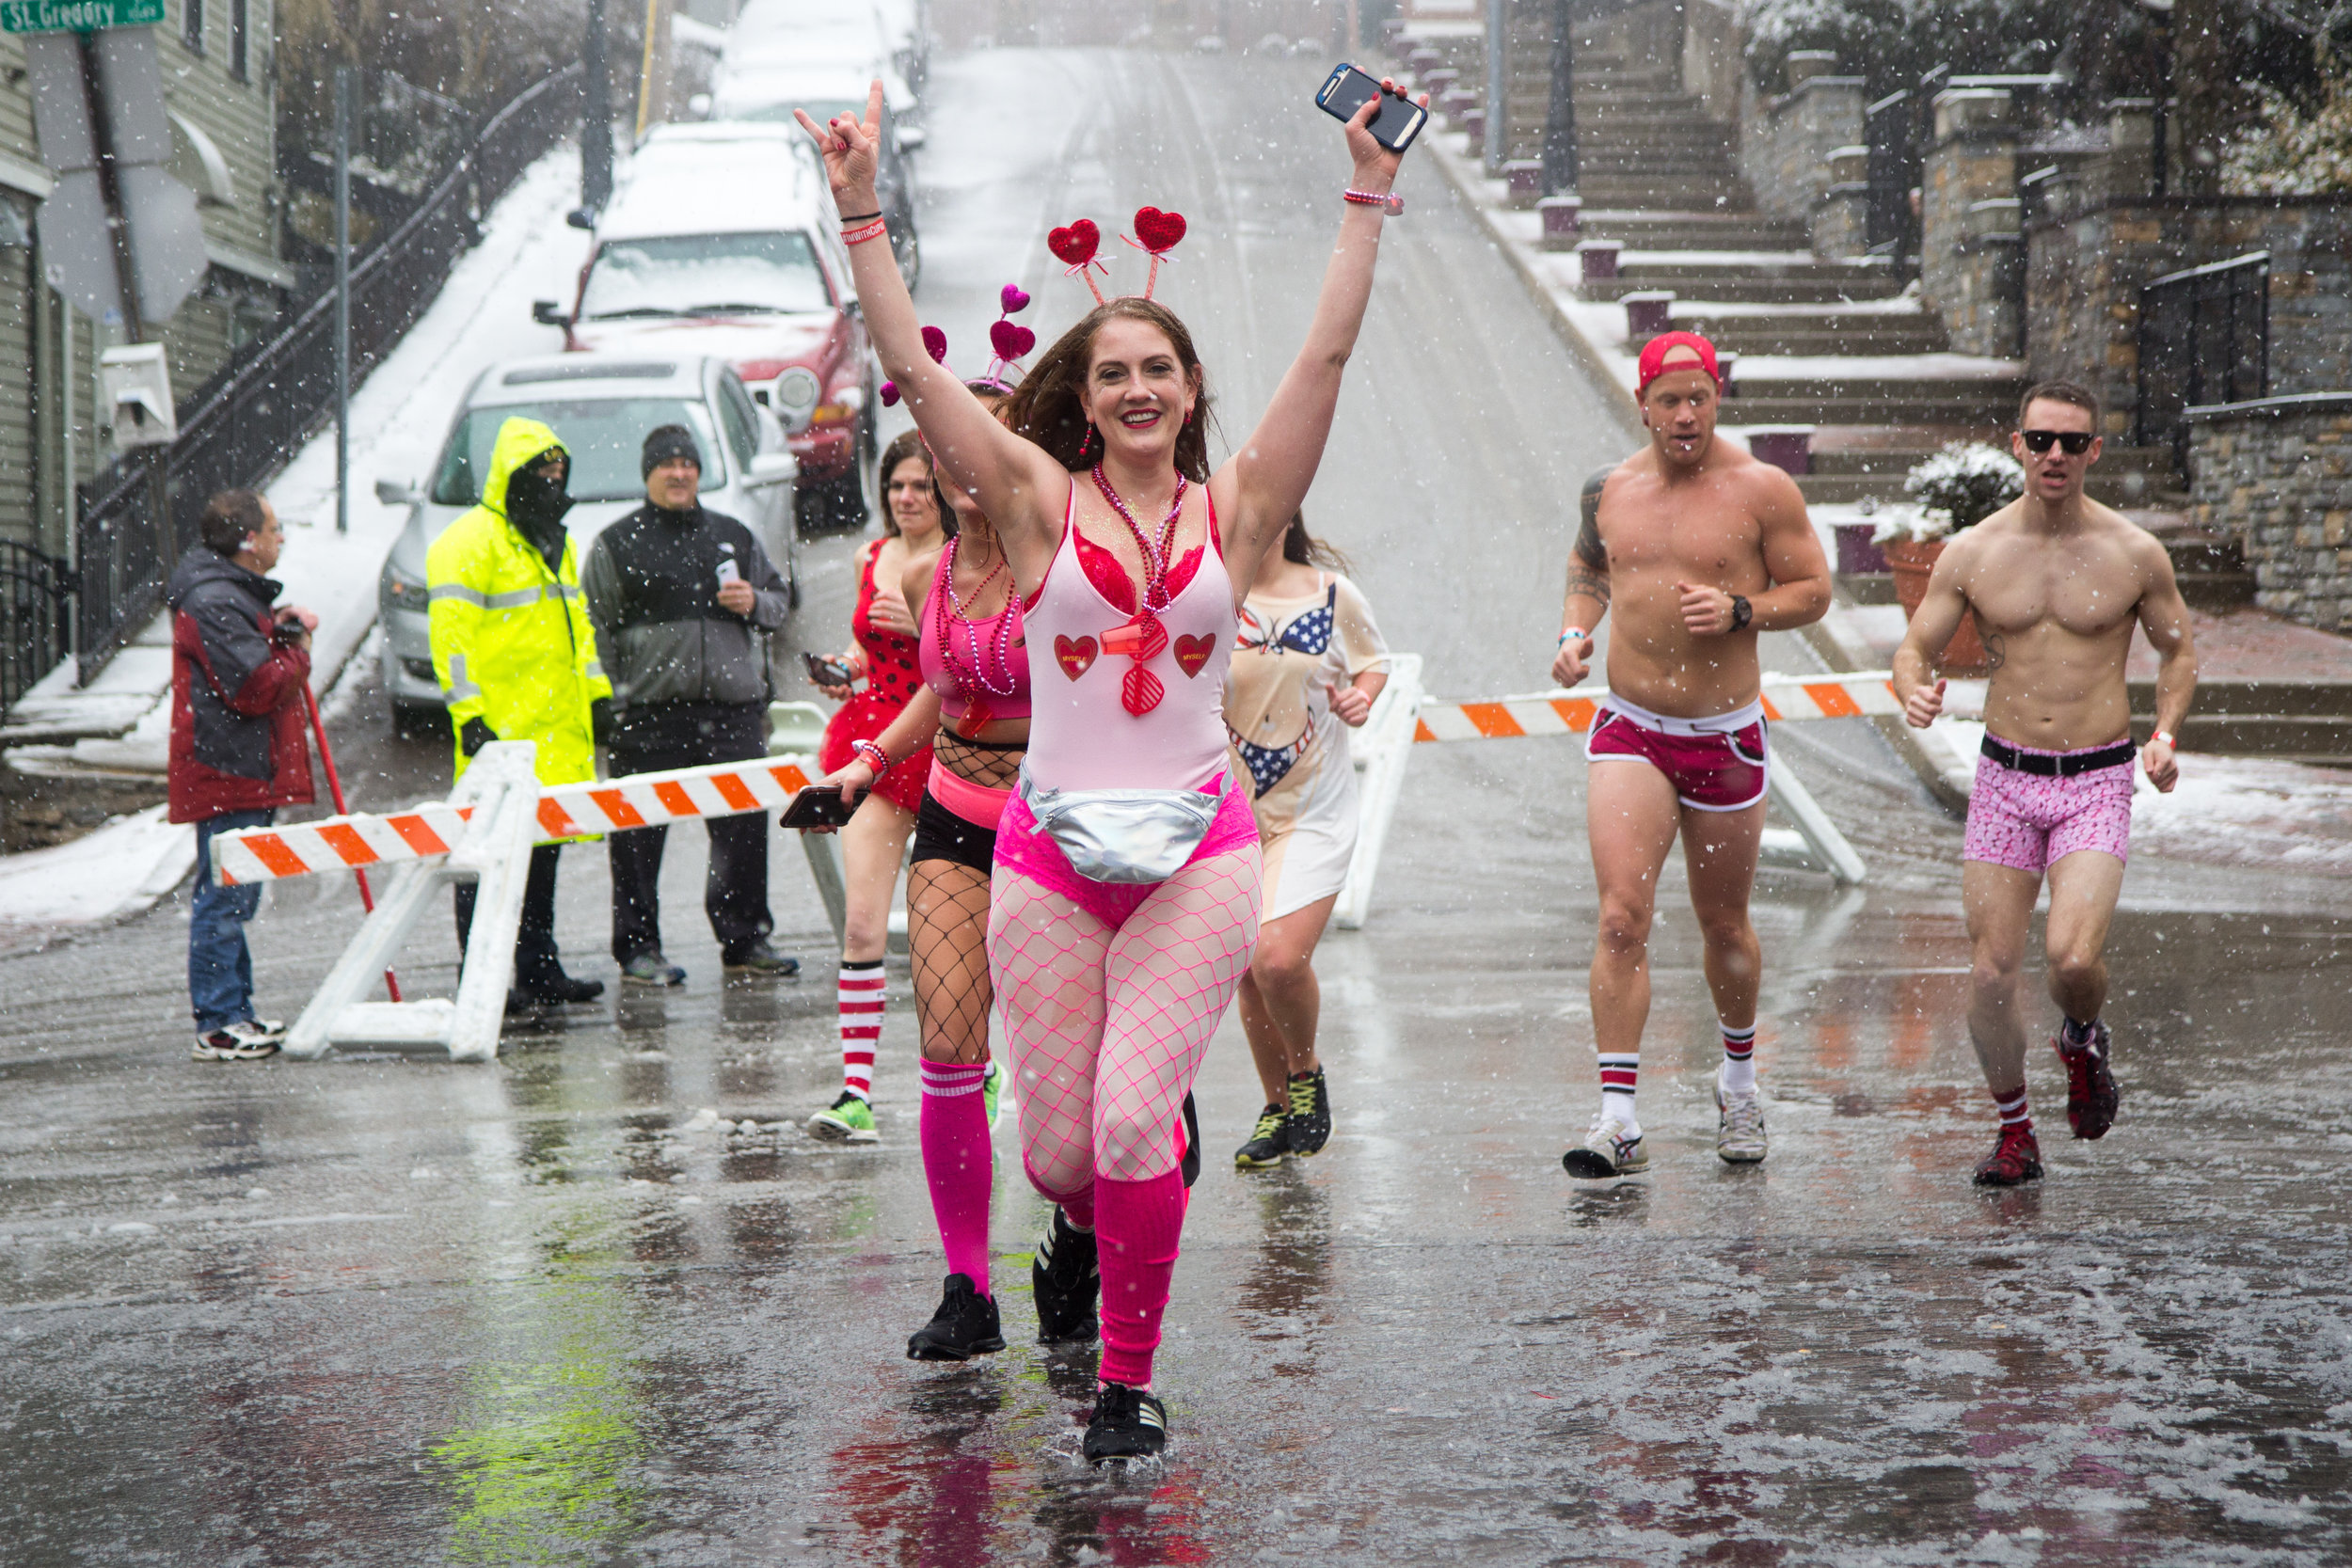 CaseyMillerPhoto - Cupid Undie Run 2018  (199 of 252).jpg